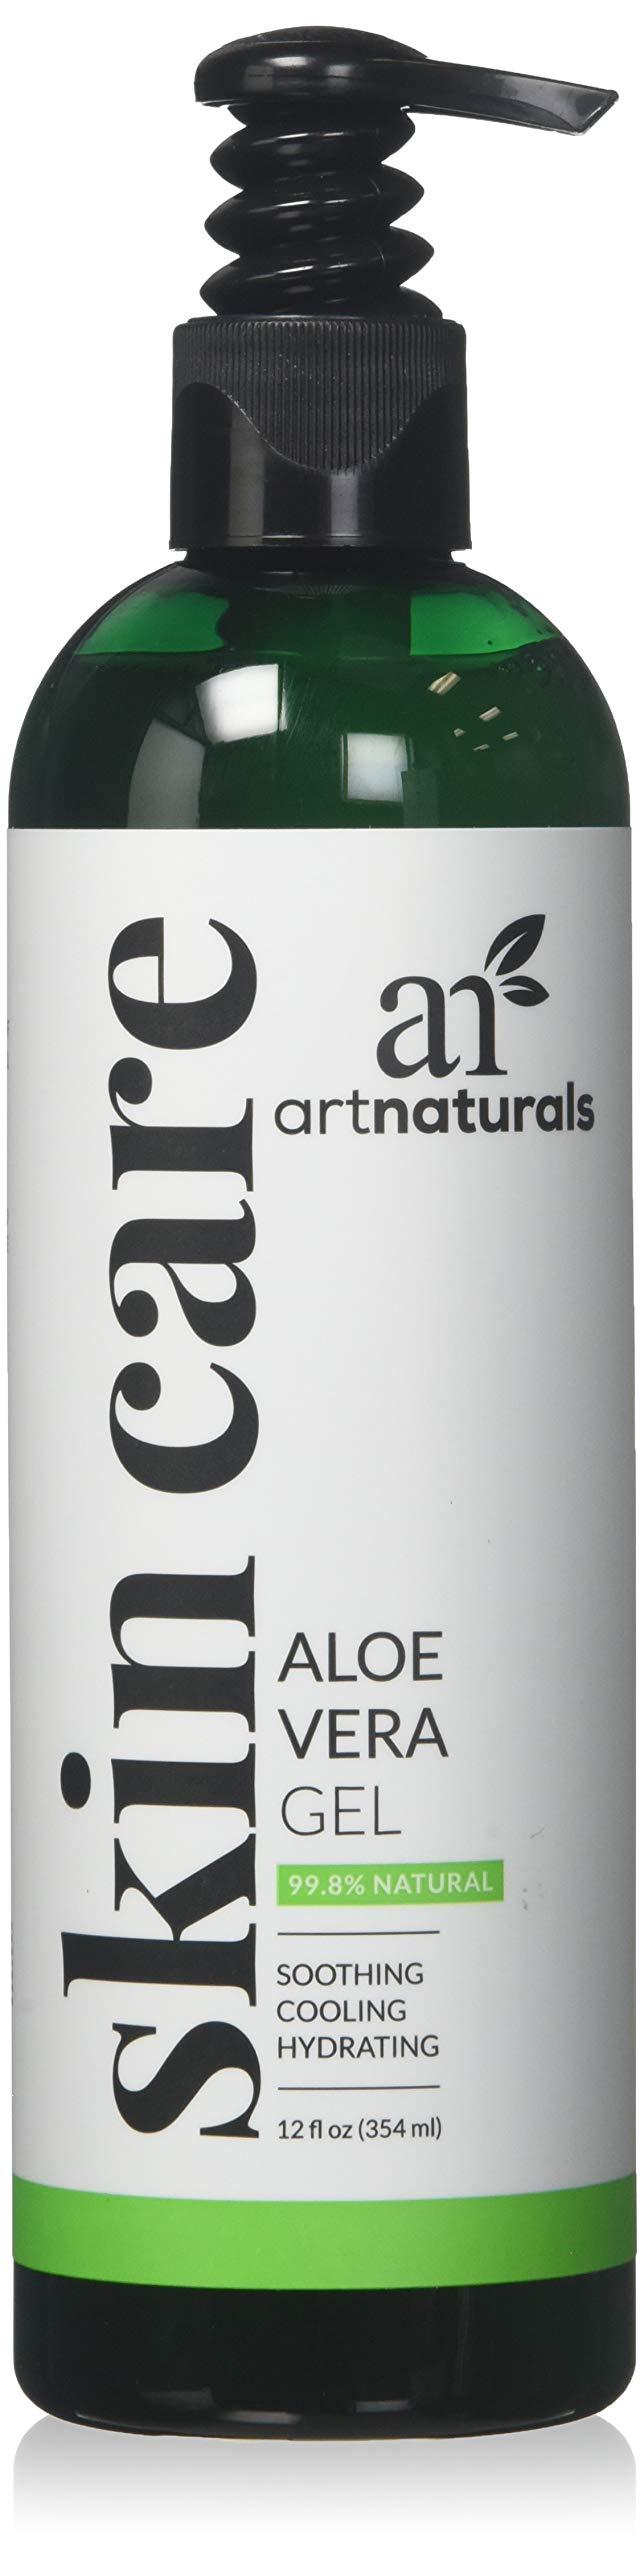 Artnaturals Aloe Vera Fluid Ounce